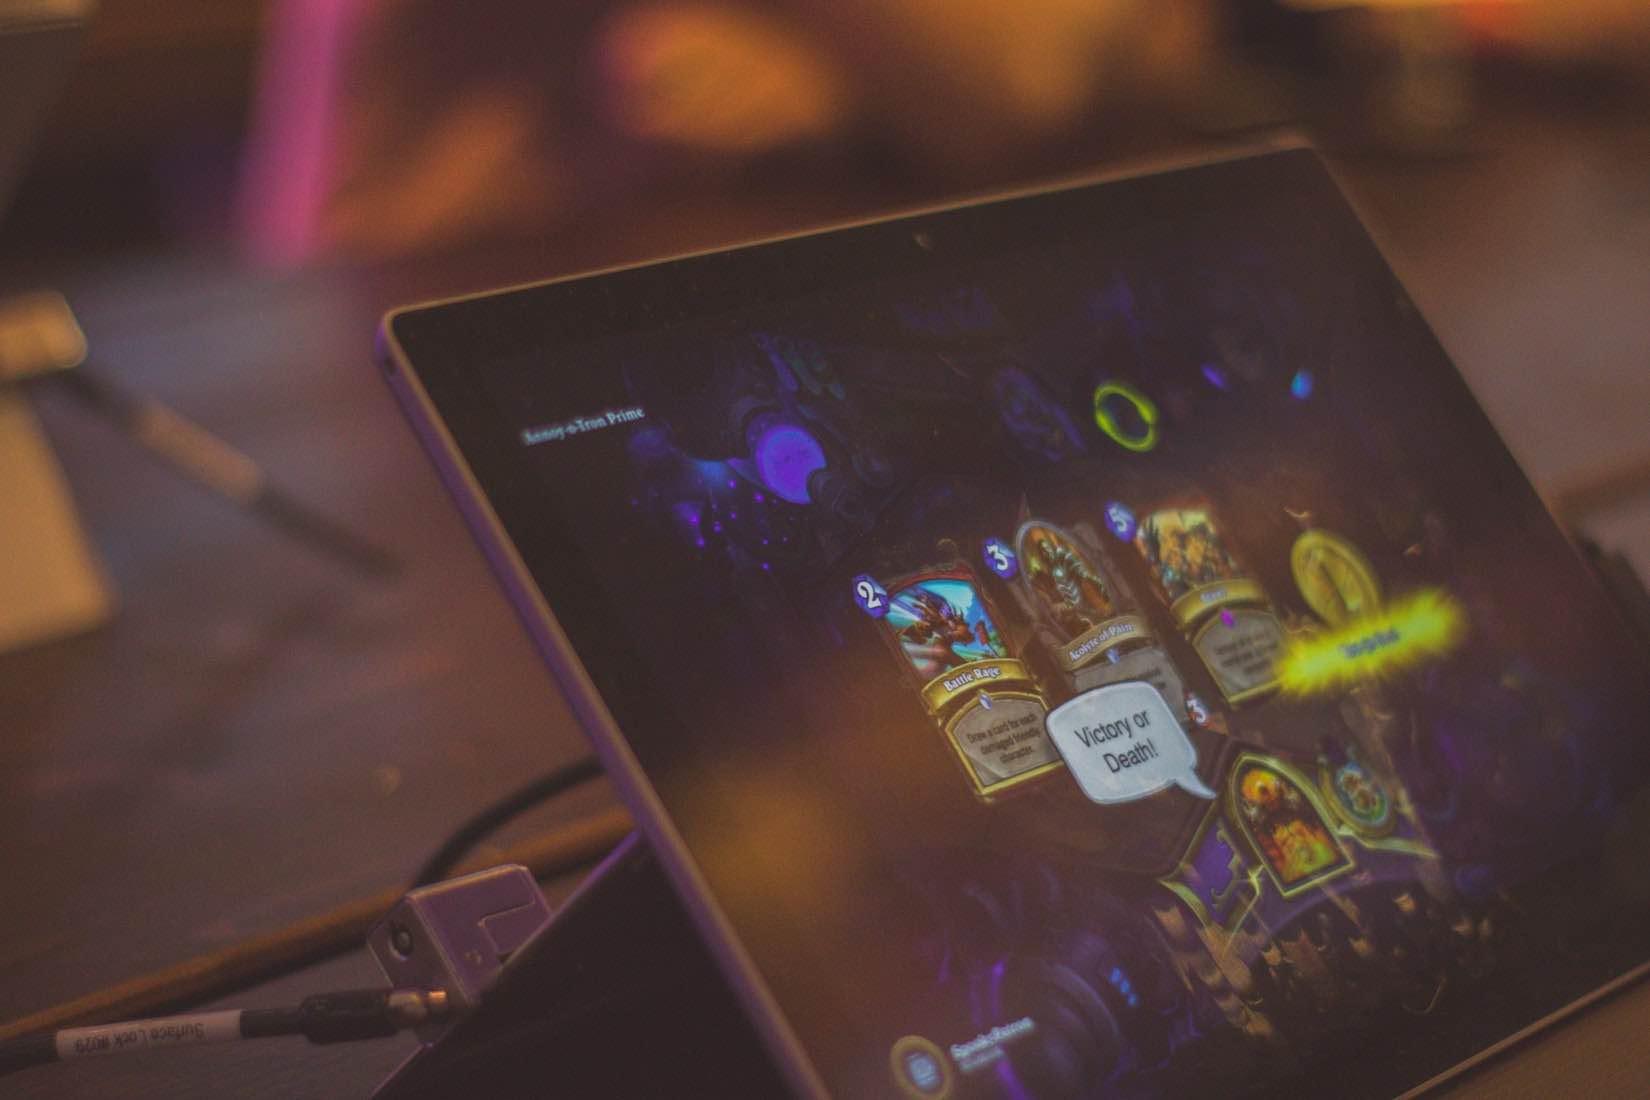 Jouer En Ligne : Notre Sélection Des 5 Meilleurs Jeux destiné Jeux Pour Jouer Gratuitement